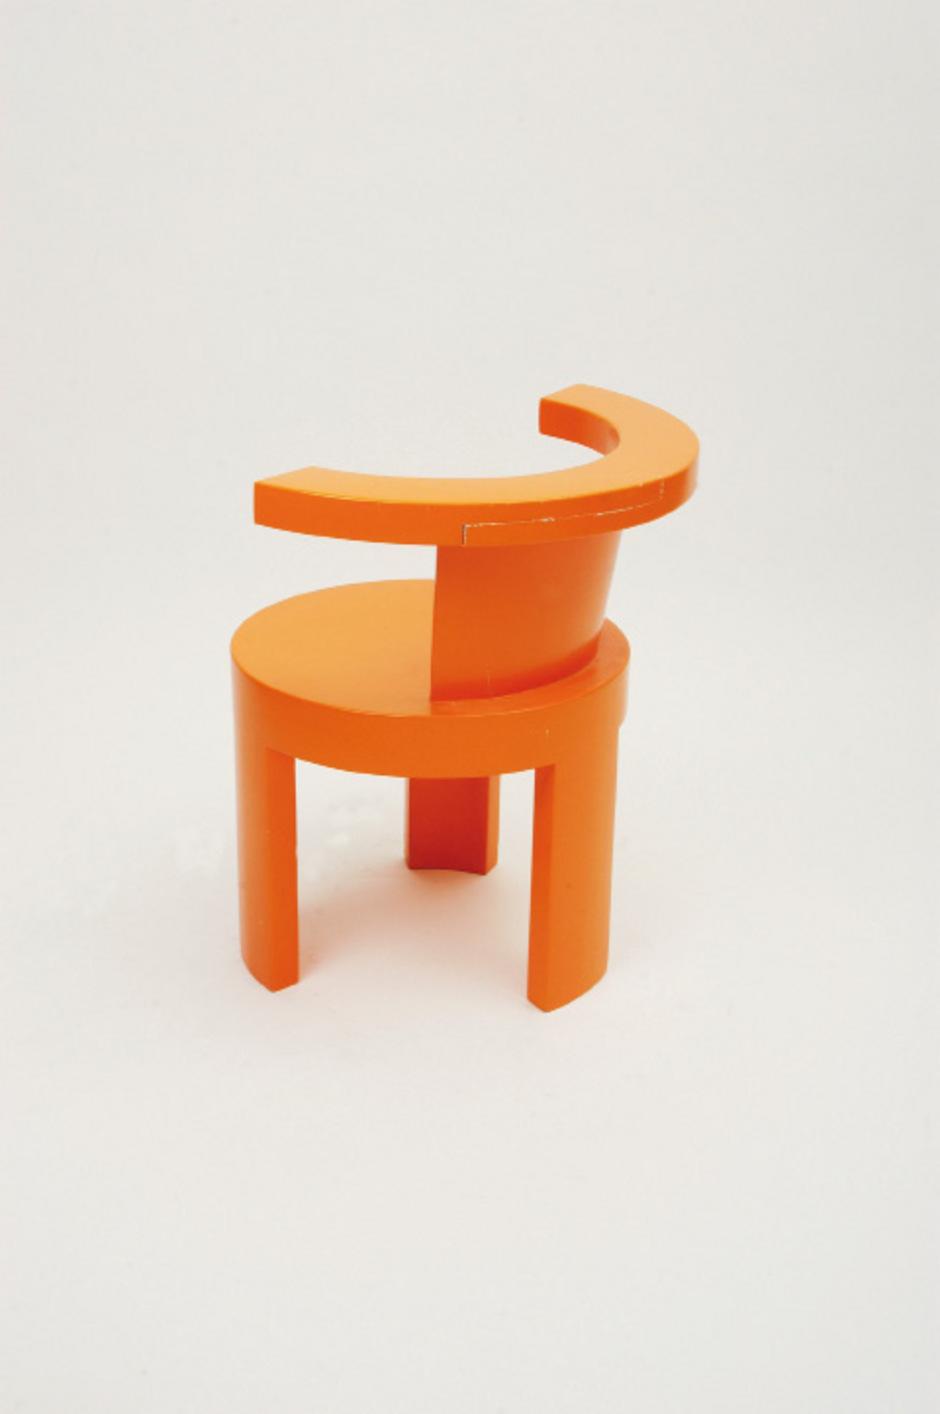 Die Innsbrucker Designerin Nina Mair ließ sich für ihre Badmöbel aus Nussholz von der Badekultur Japans inspirieren.